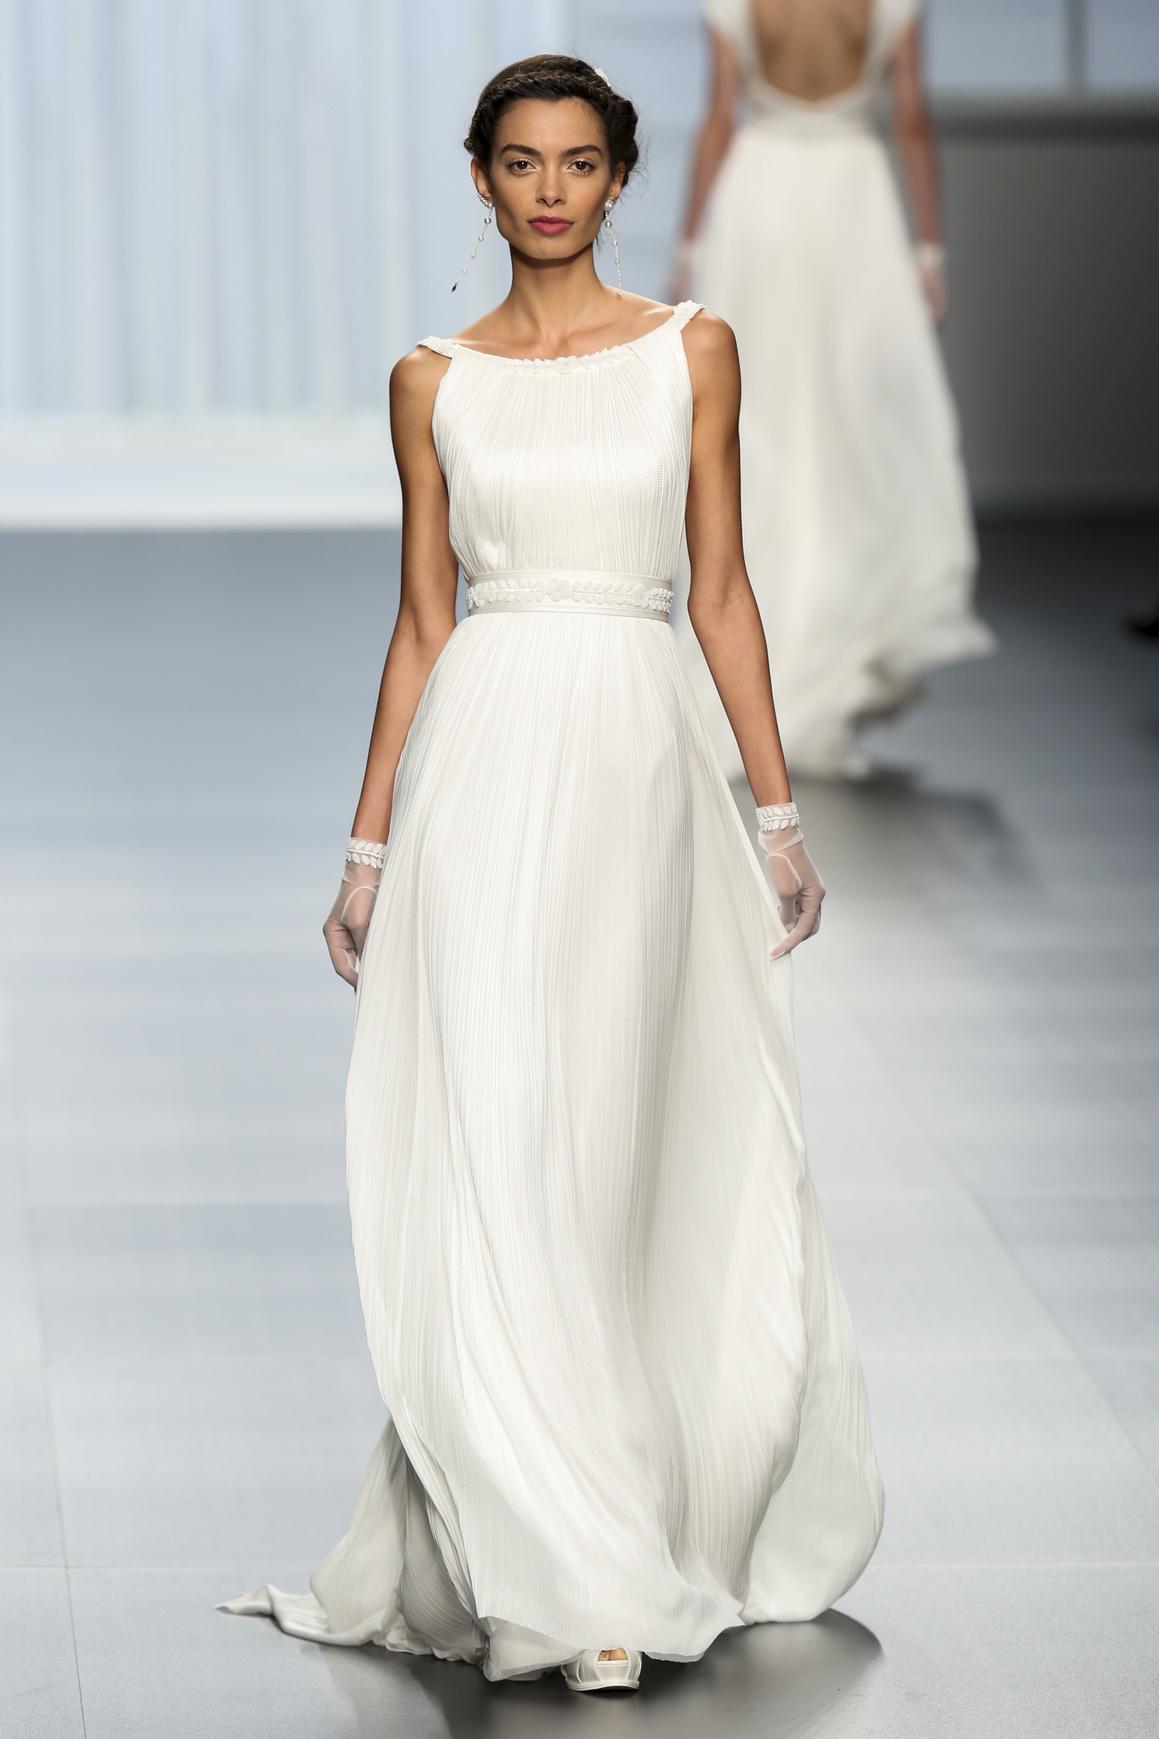 Look Matrimonio Spiaggia : I abiti da sposa per un matrimonio in spiaggia